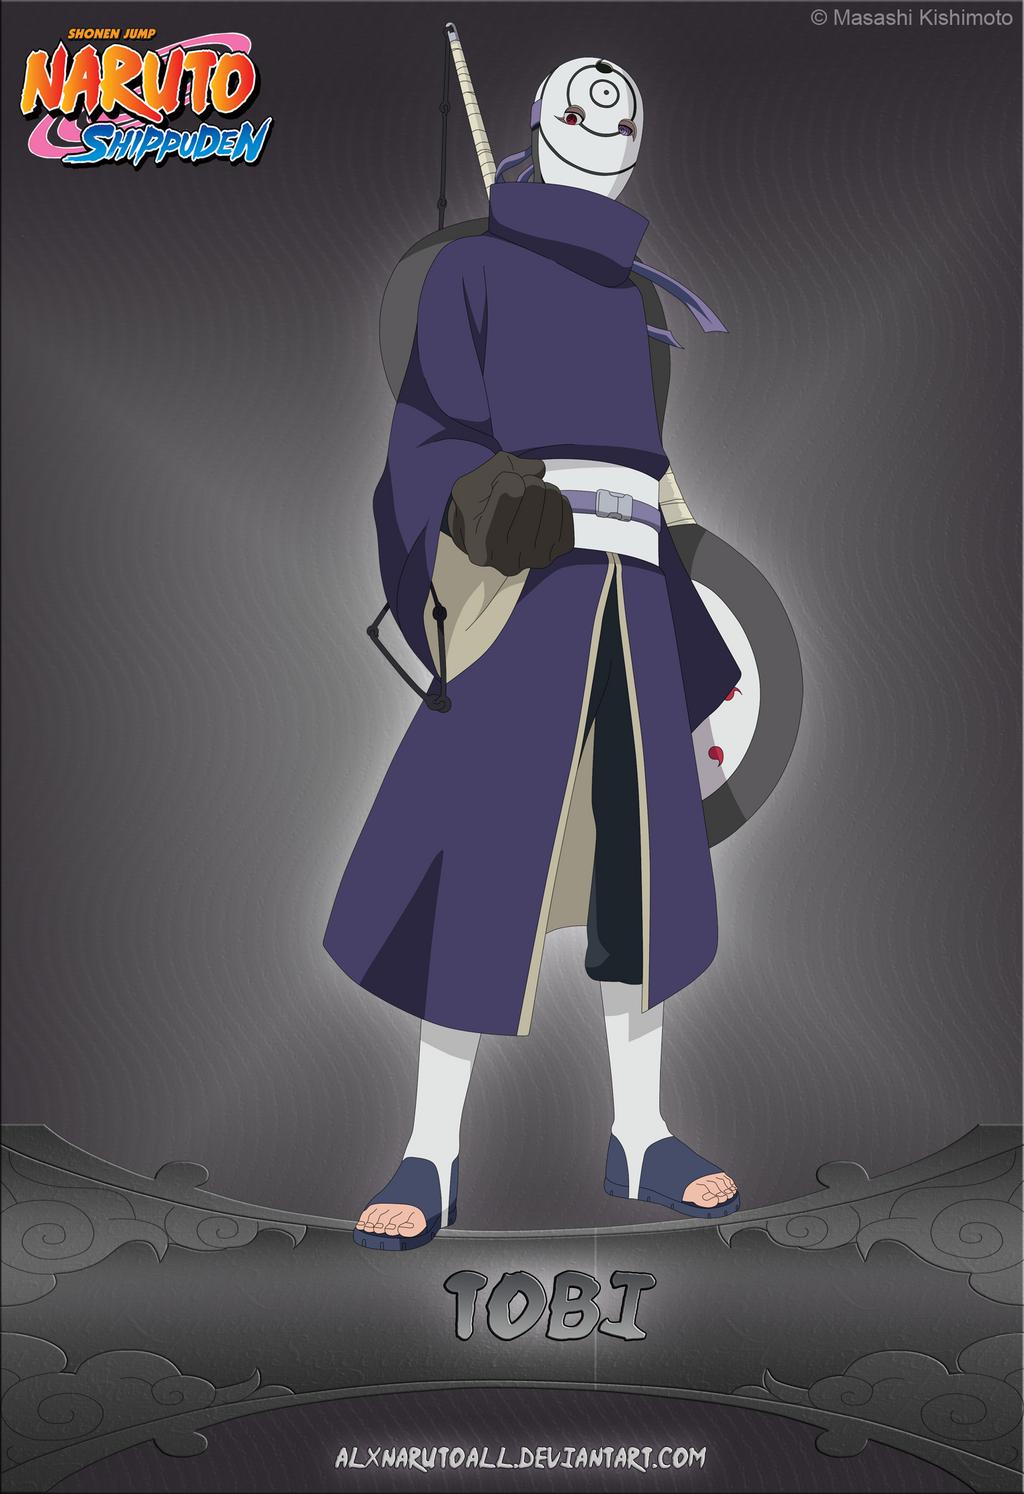 tobi/obito uchi... Jinpachi Munashi